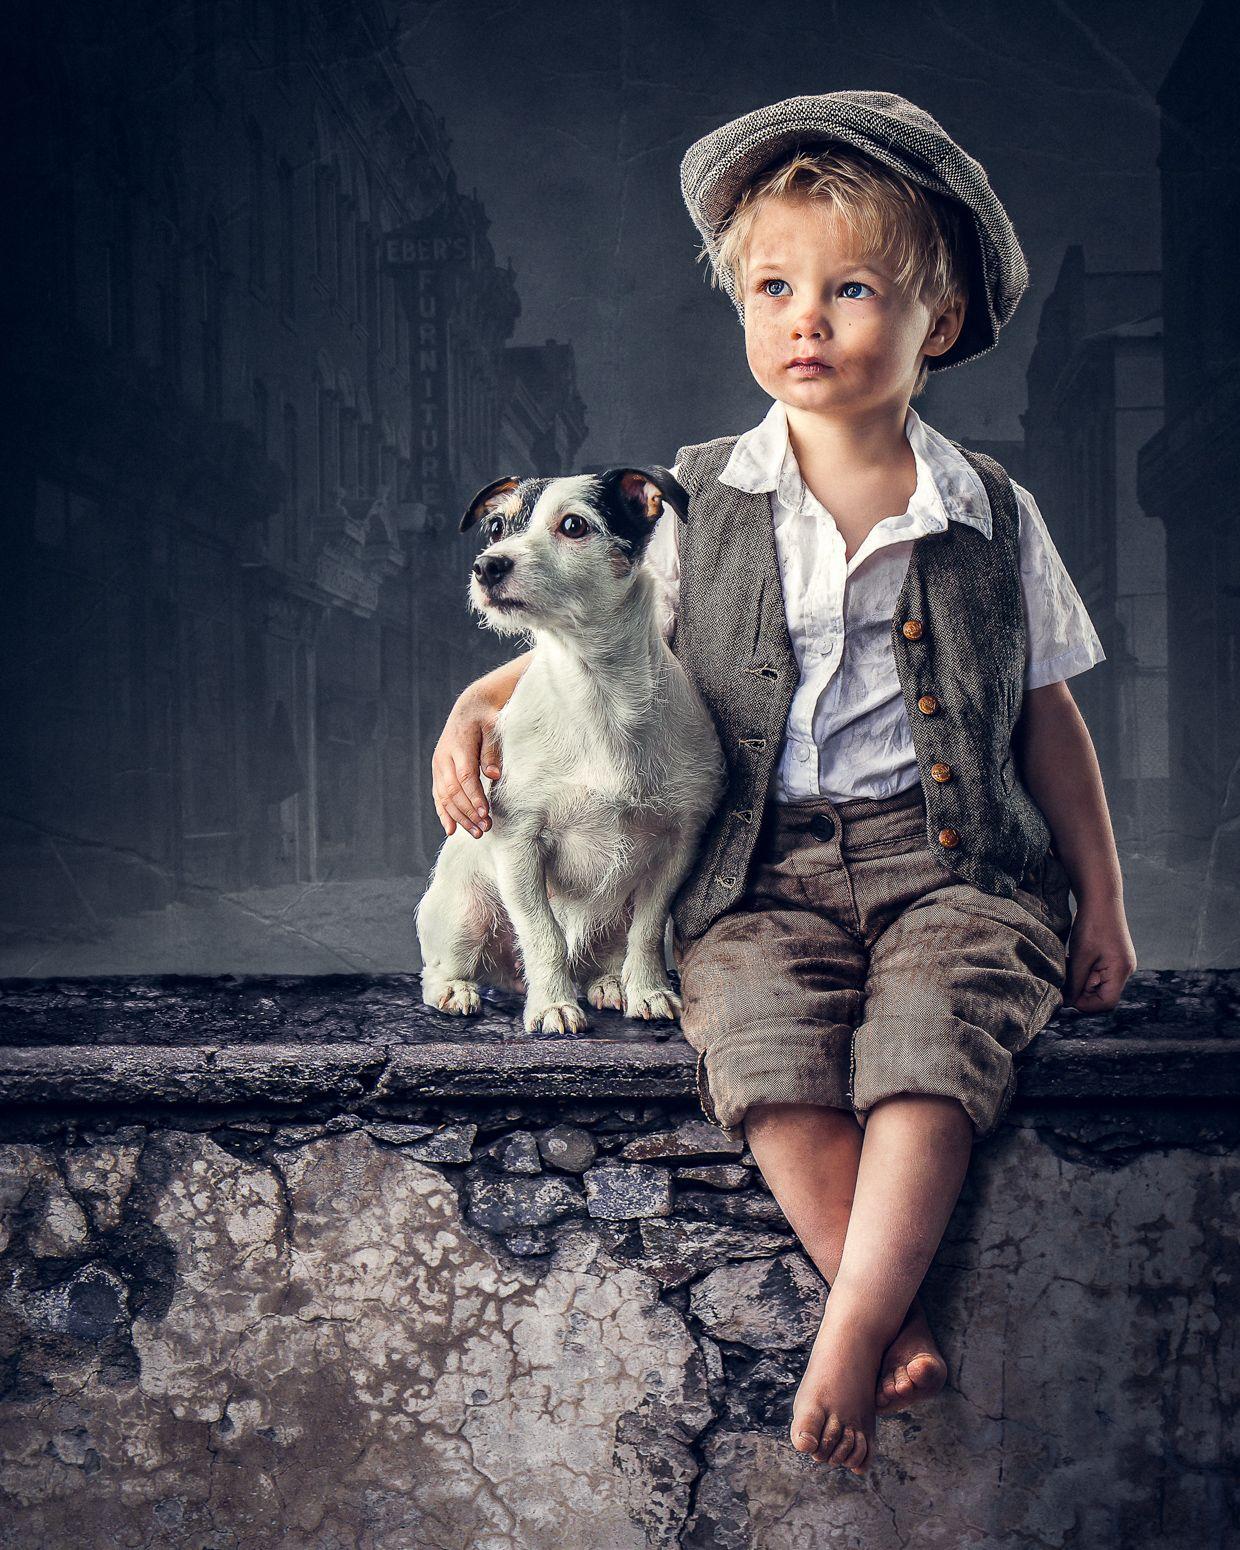 The Kid www.anttikarppinen.com Chaplin Oliver Twist #picturesofbabyanimals